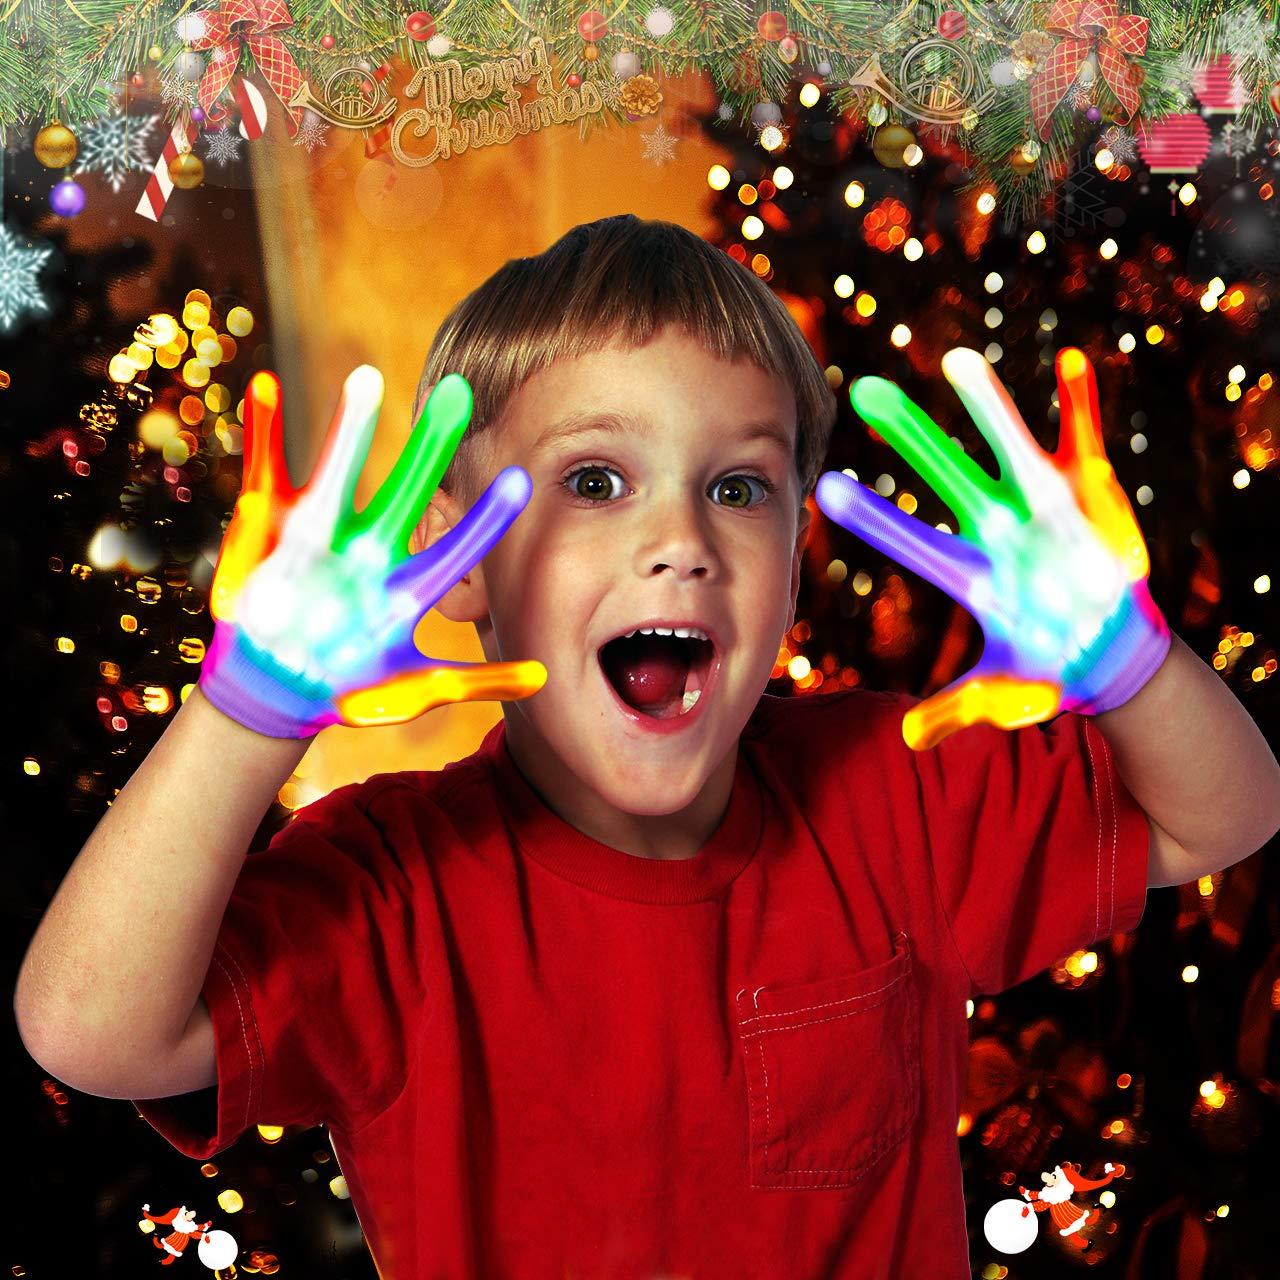 Best Gifts ATOPDREAM LED Flashing Finger Lighting Gloves for Kids